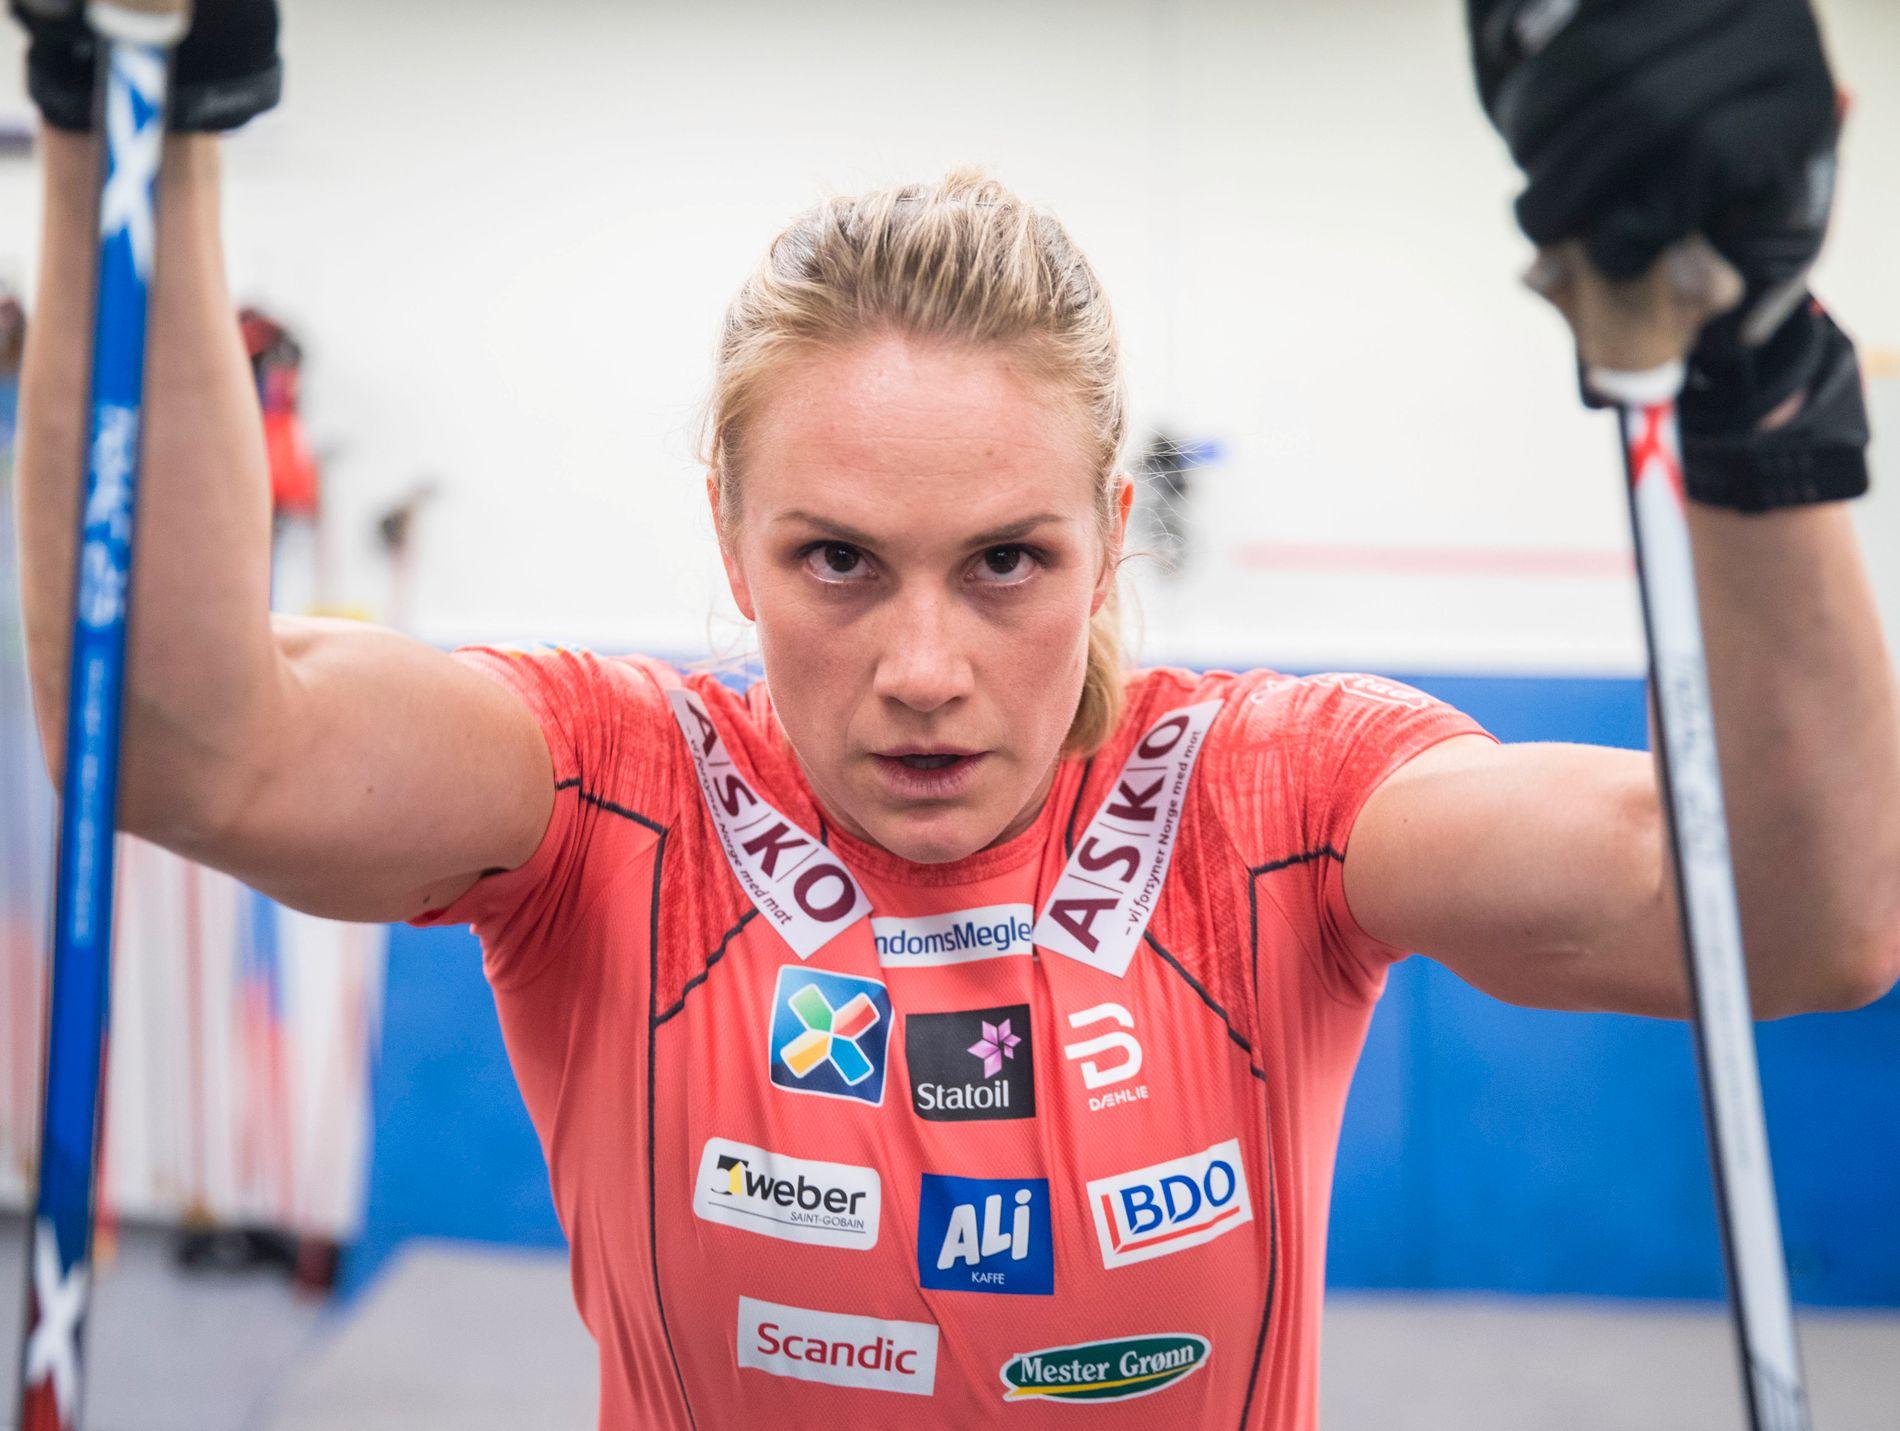 FIRE MÅNEDER IGJEN: Birgit Skarstein (28) vant nylig VM-gull i roing. Neste helg er hun klar for den nasjonale langrennsåpningen på Beitostølen. I mars neste år skal hun stake for gull i Paralympics.